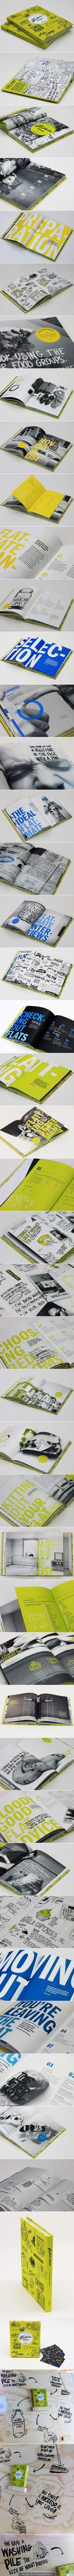 Flatmate's Handbook https://www.behance.net/gallery/Flatmates-Handbook/5931719